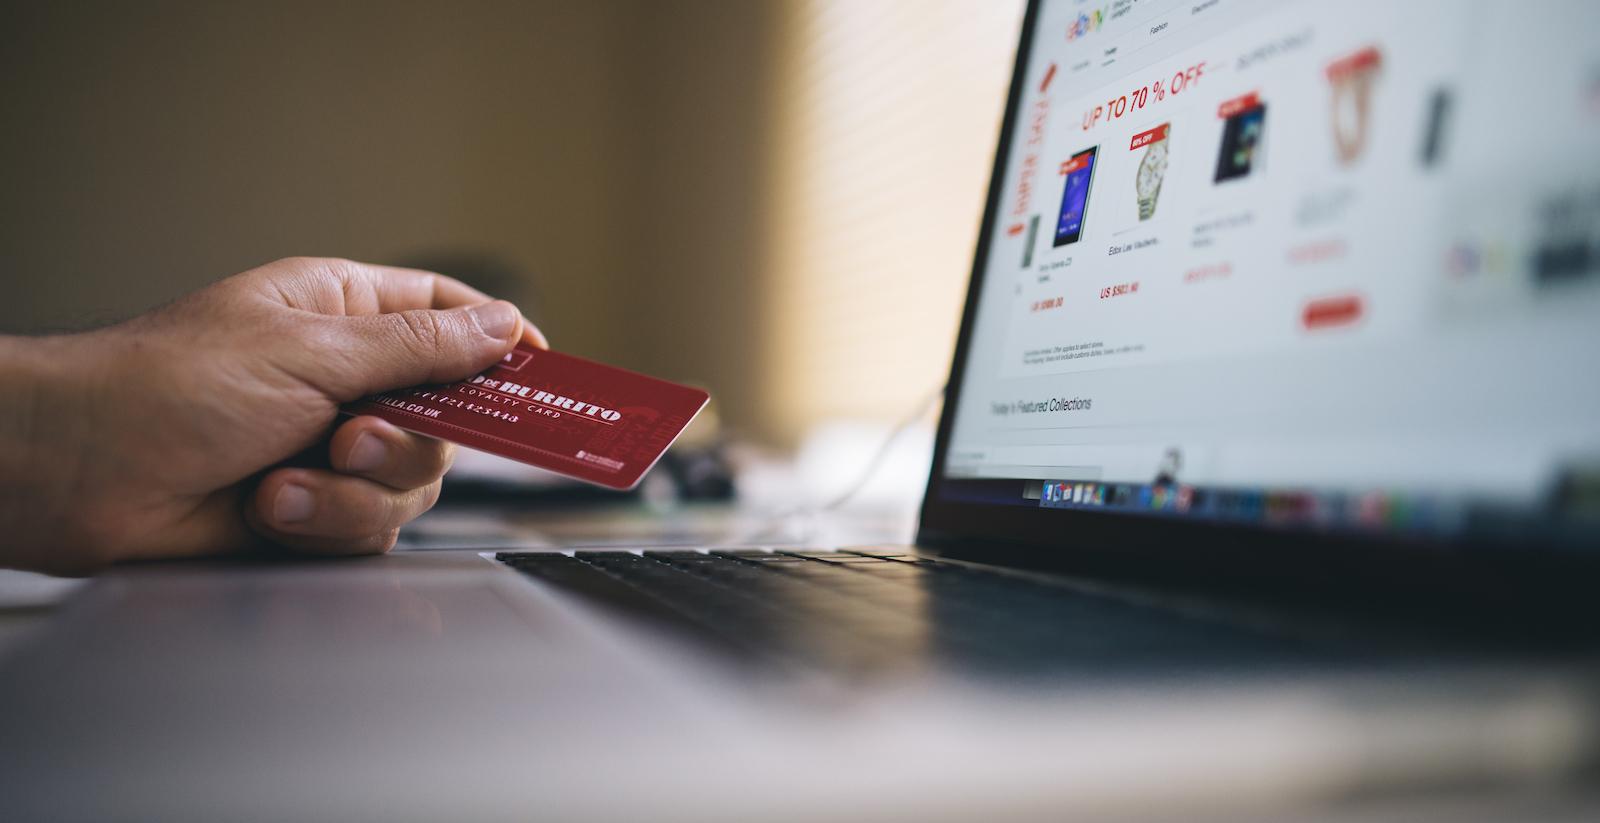 Come farsi pagare un libro online - Libri Scolastici Usati